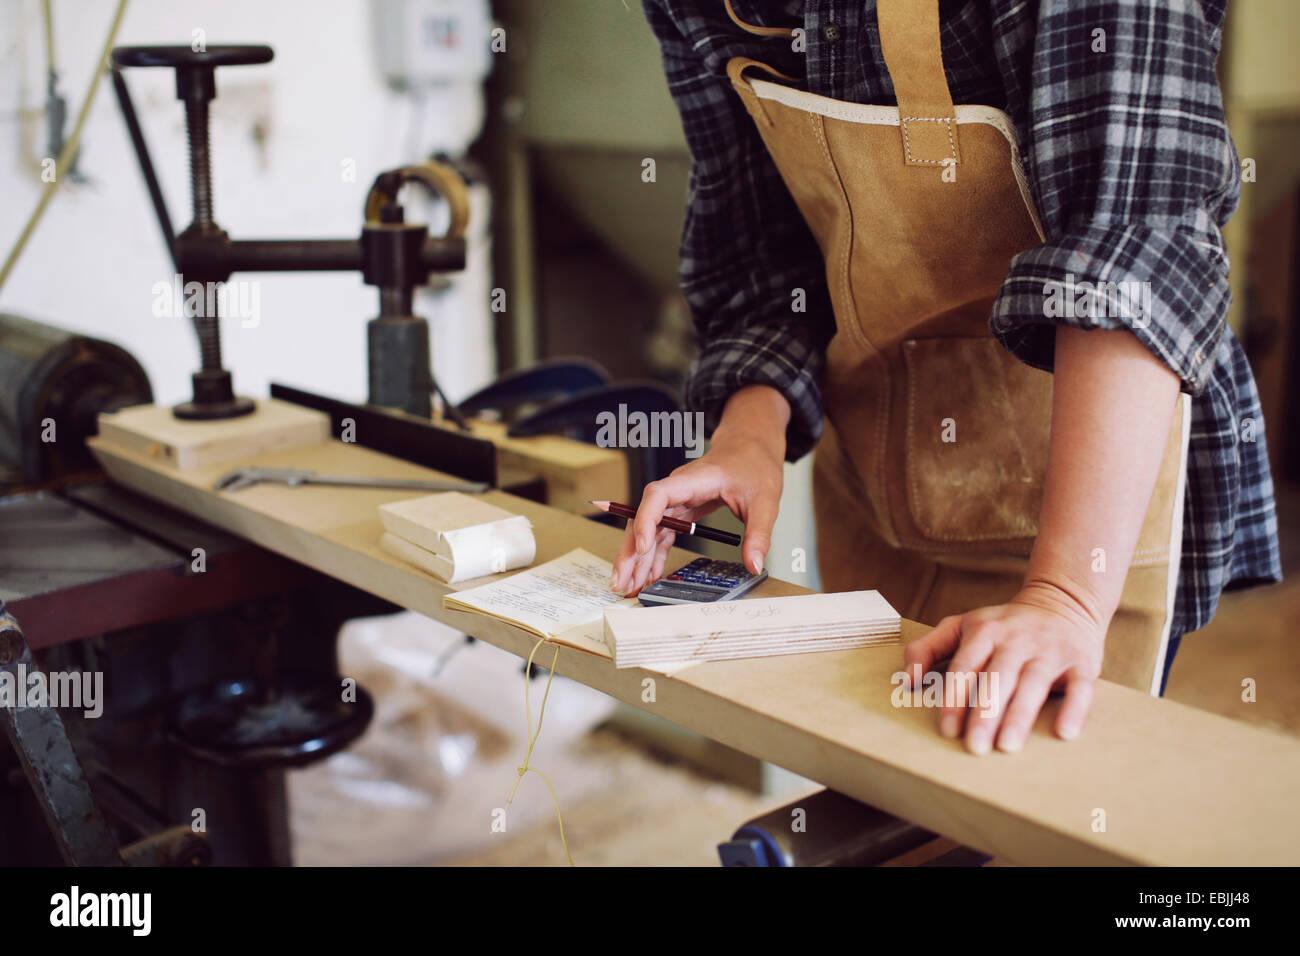 Schuss von junge Handwerkerin mit Taschenrechner in Rohr Orgelwerkstatt beschnitten Stockbild